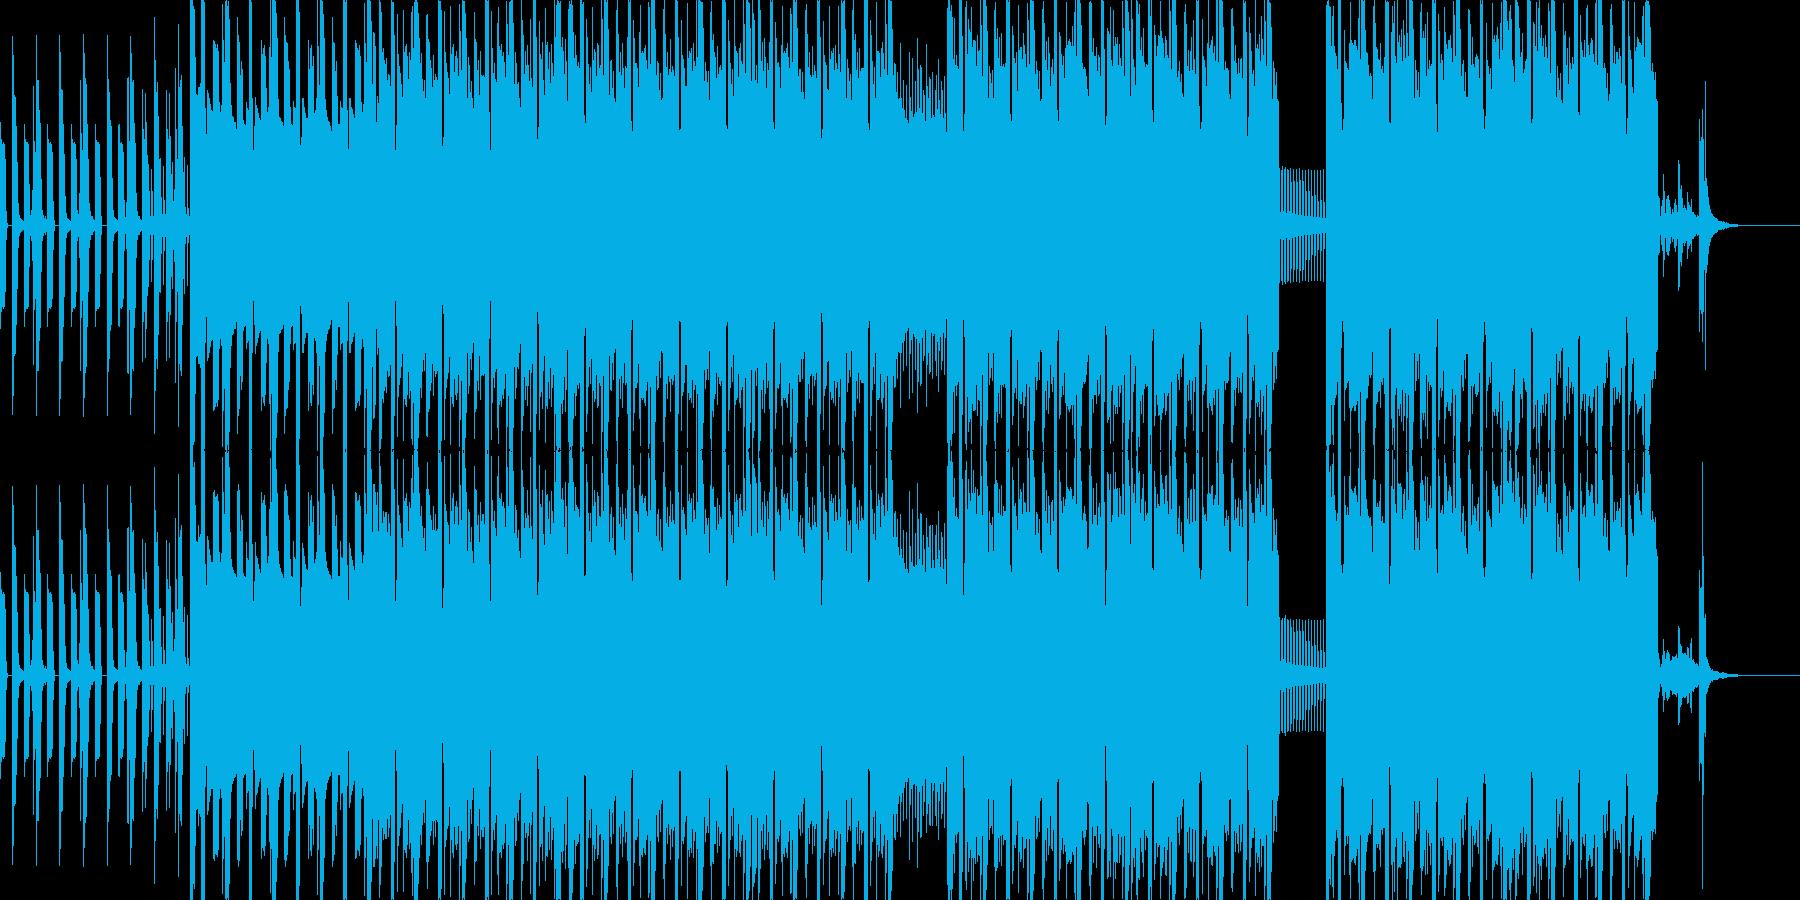 進化、孵化するイメージの楽曲です。の再生済みの波形